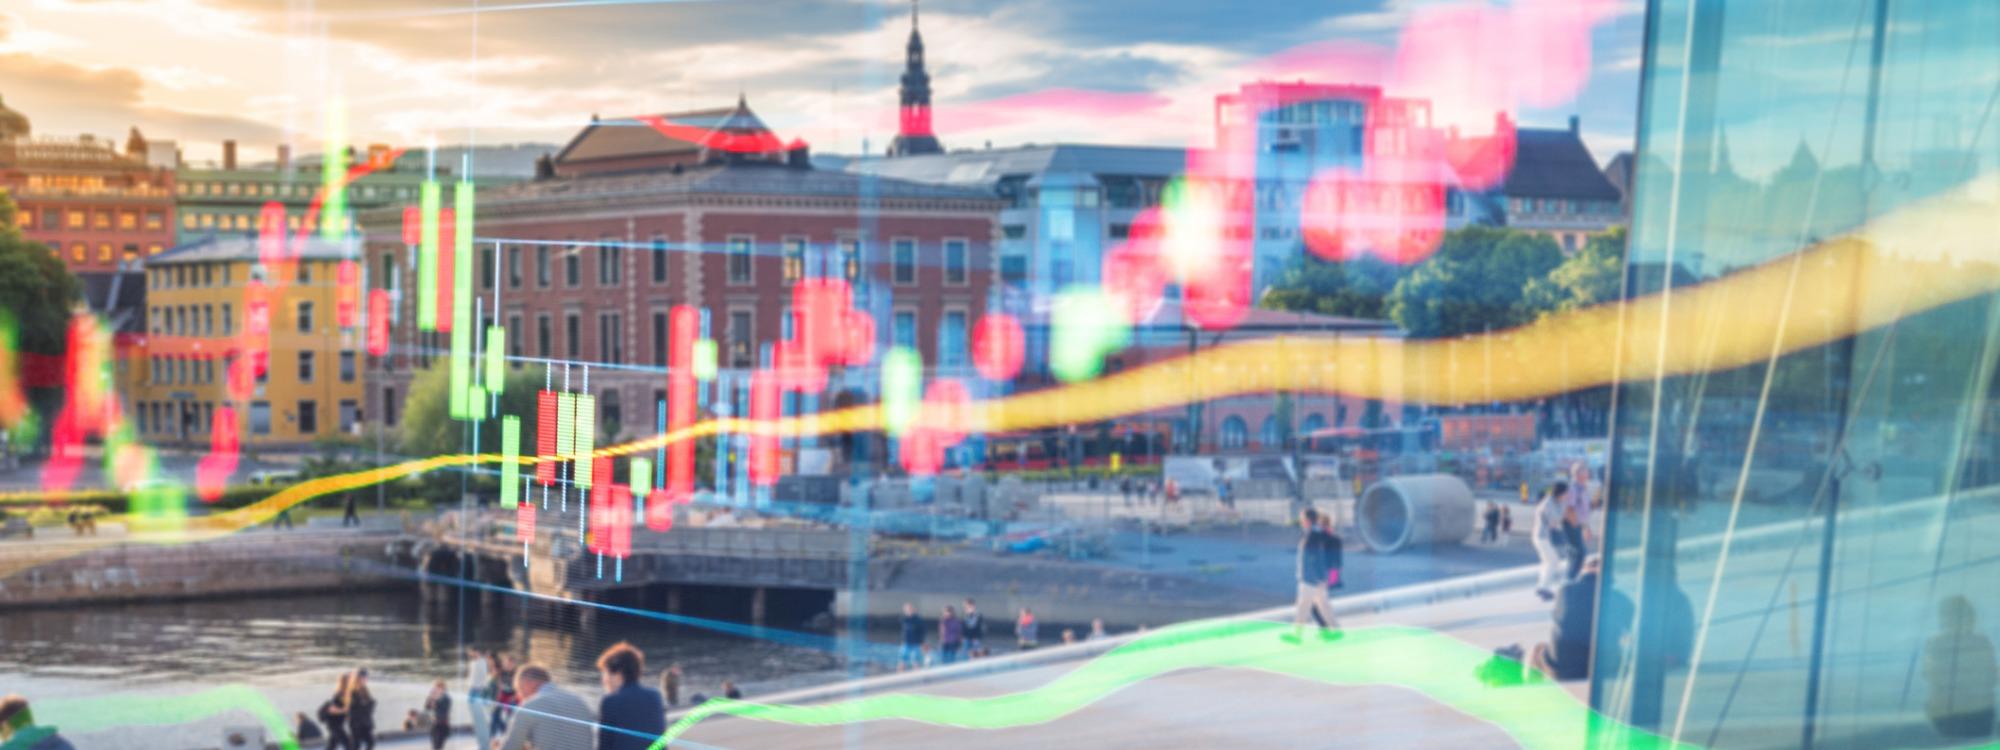 Hoe haalt u als stad of gemeente het meeste uit uw gegevens?